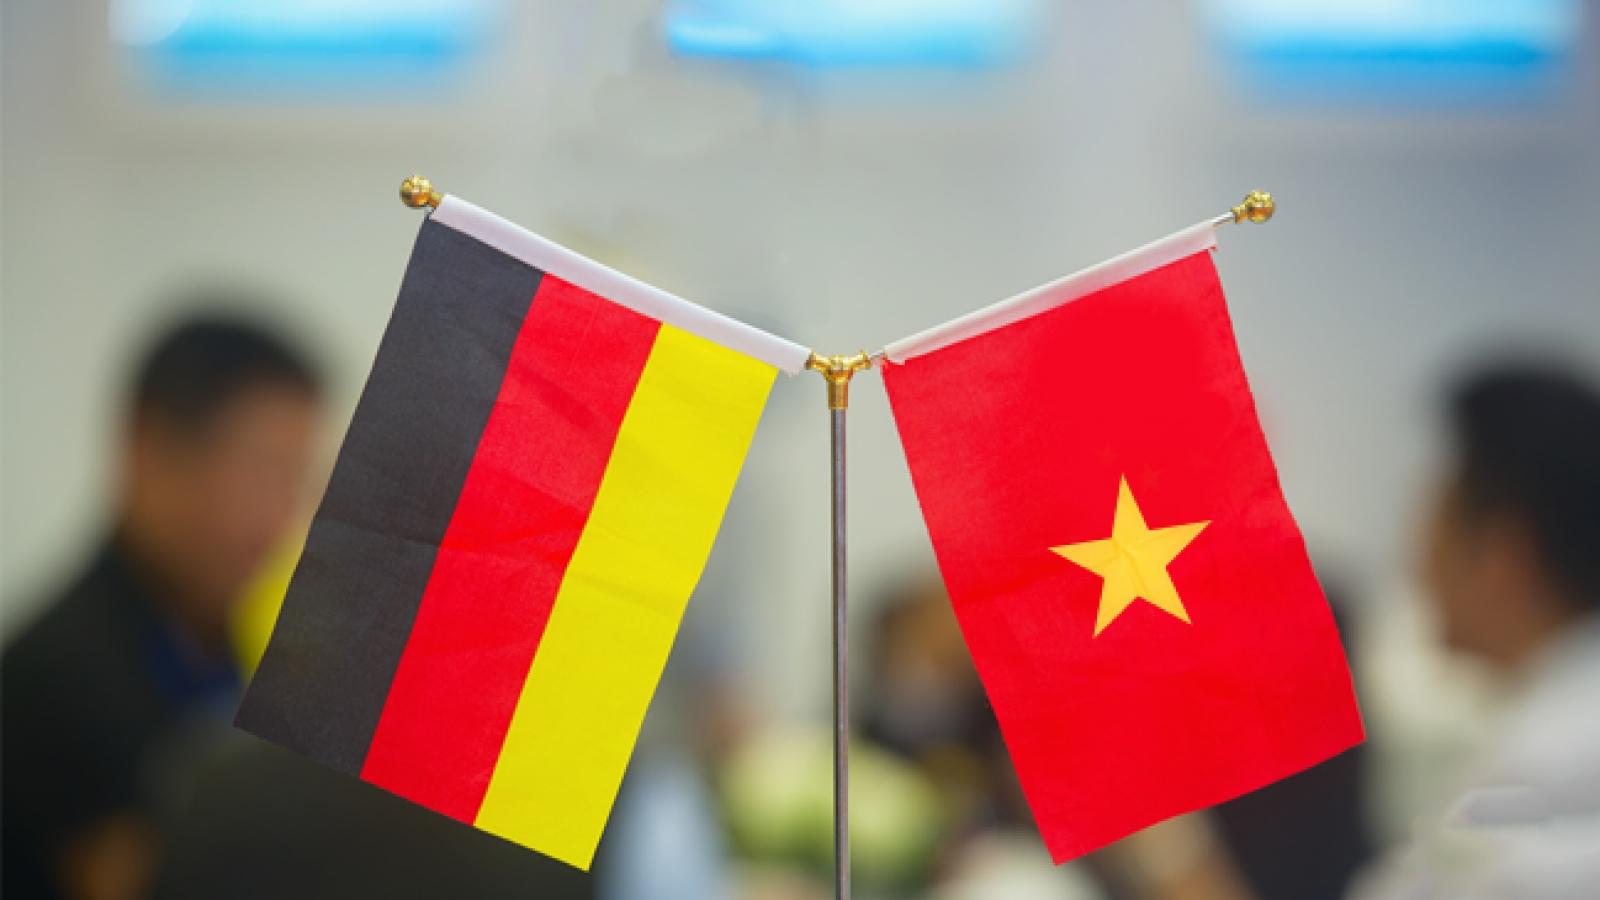 Kinh tế Việt – Đức: Hợp tác thực chất, hiệu quả, cùng nắm bắt cơ hội mới